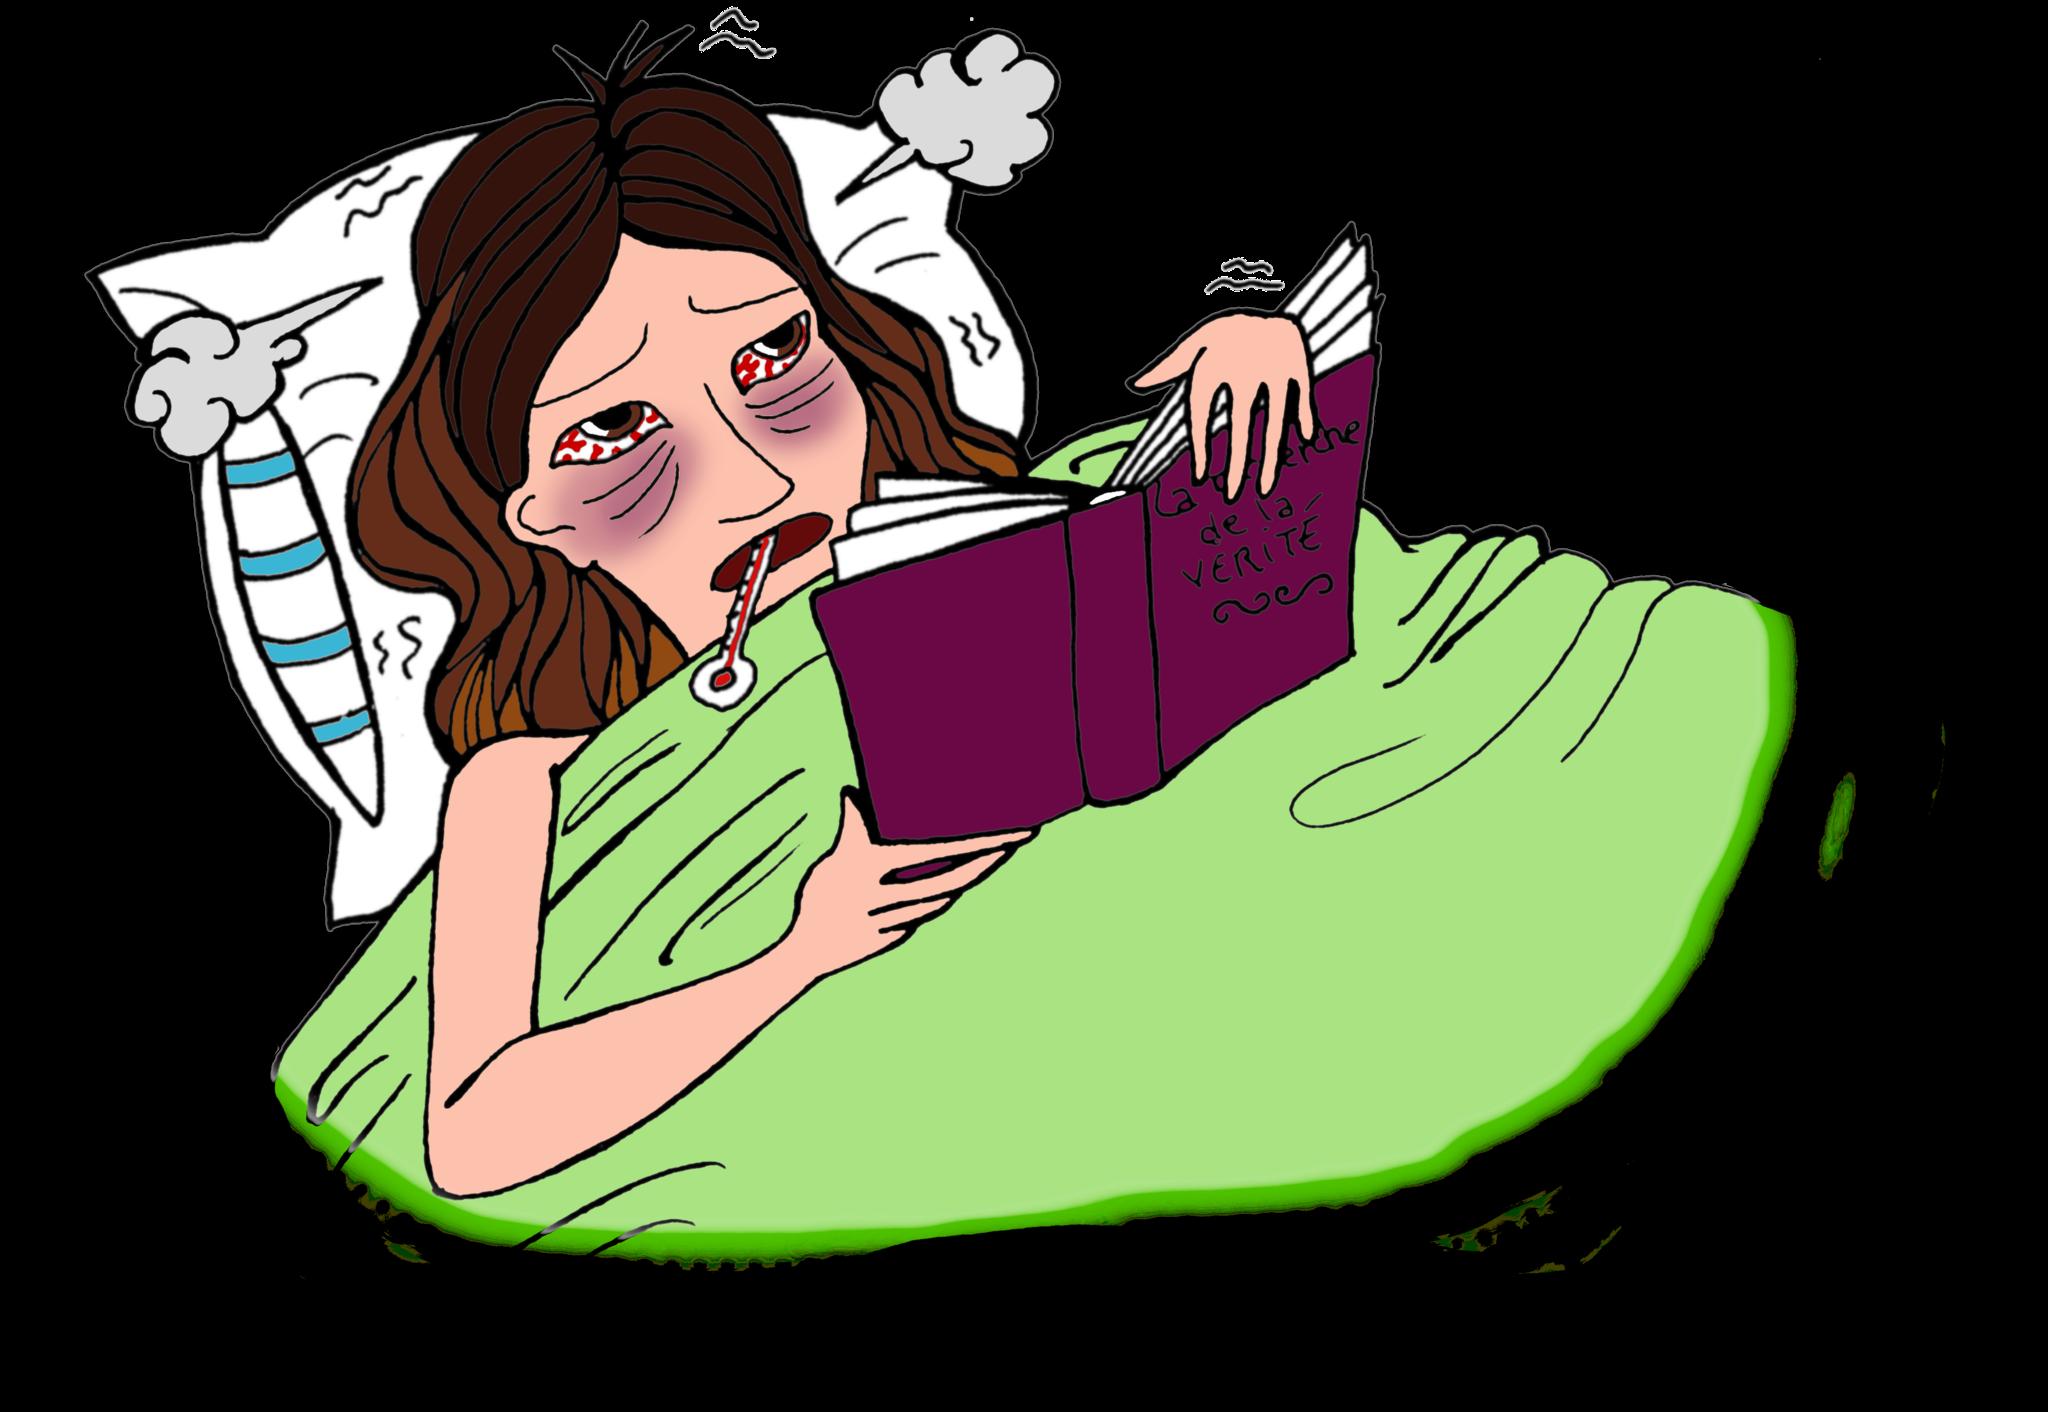 Malheureusement je suis malade aujourdu0027hui. Je ne peux pas aller à  lu0027école:( Je suis clouée au lit toute la journée, je ne fais même pas rien  mangé. - PNG Malade